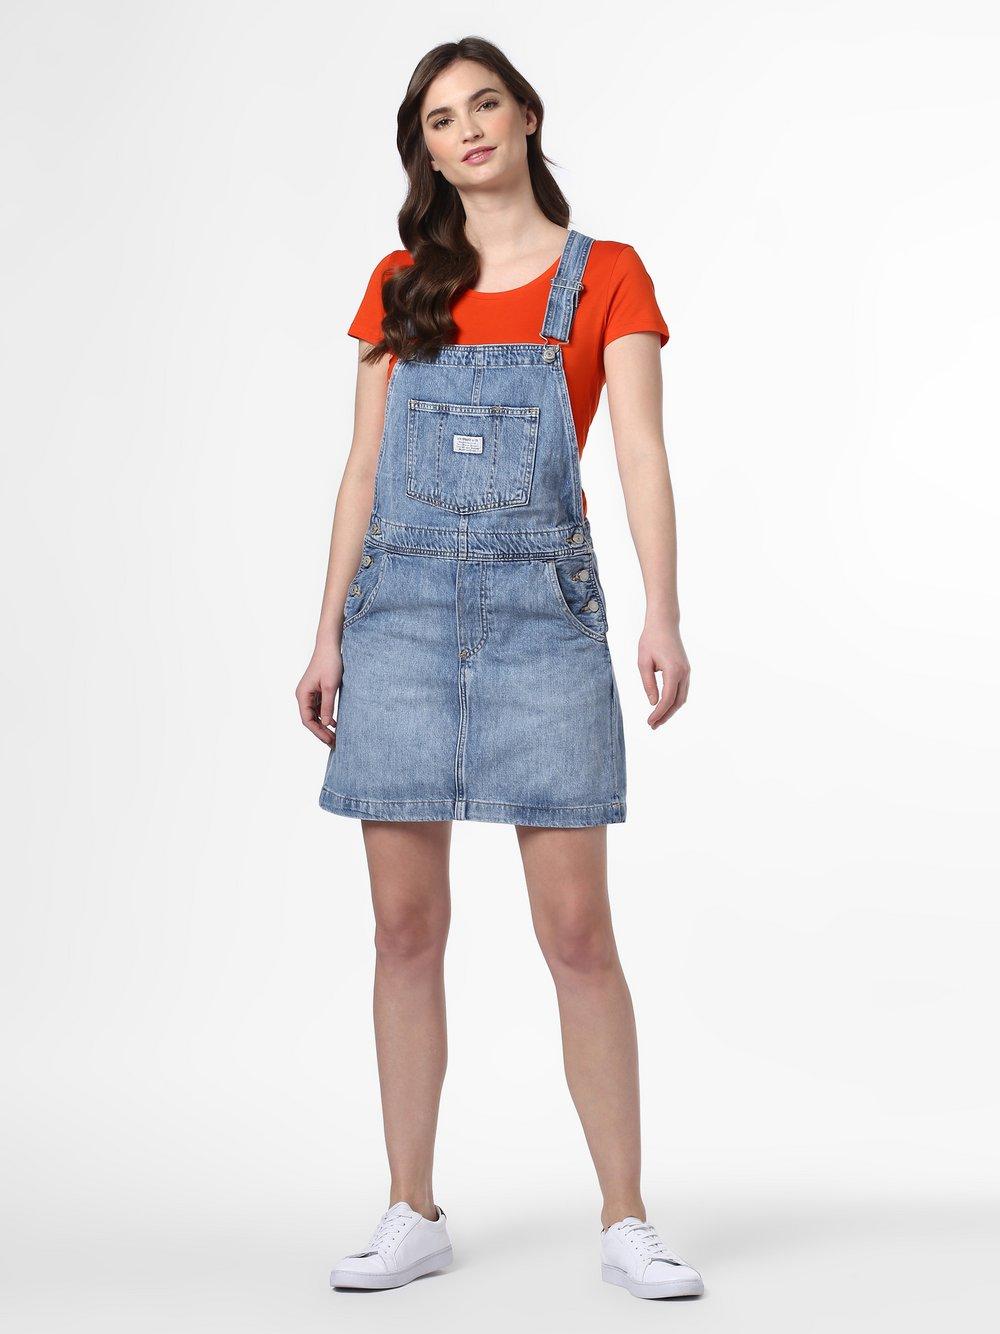 Levi's - Damska sukienka na szelkach, niebieski